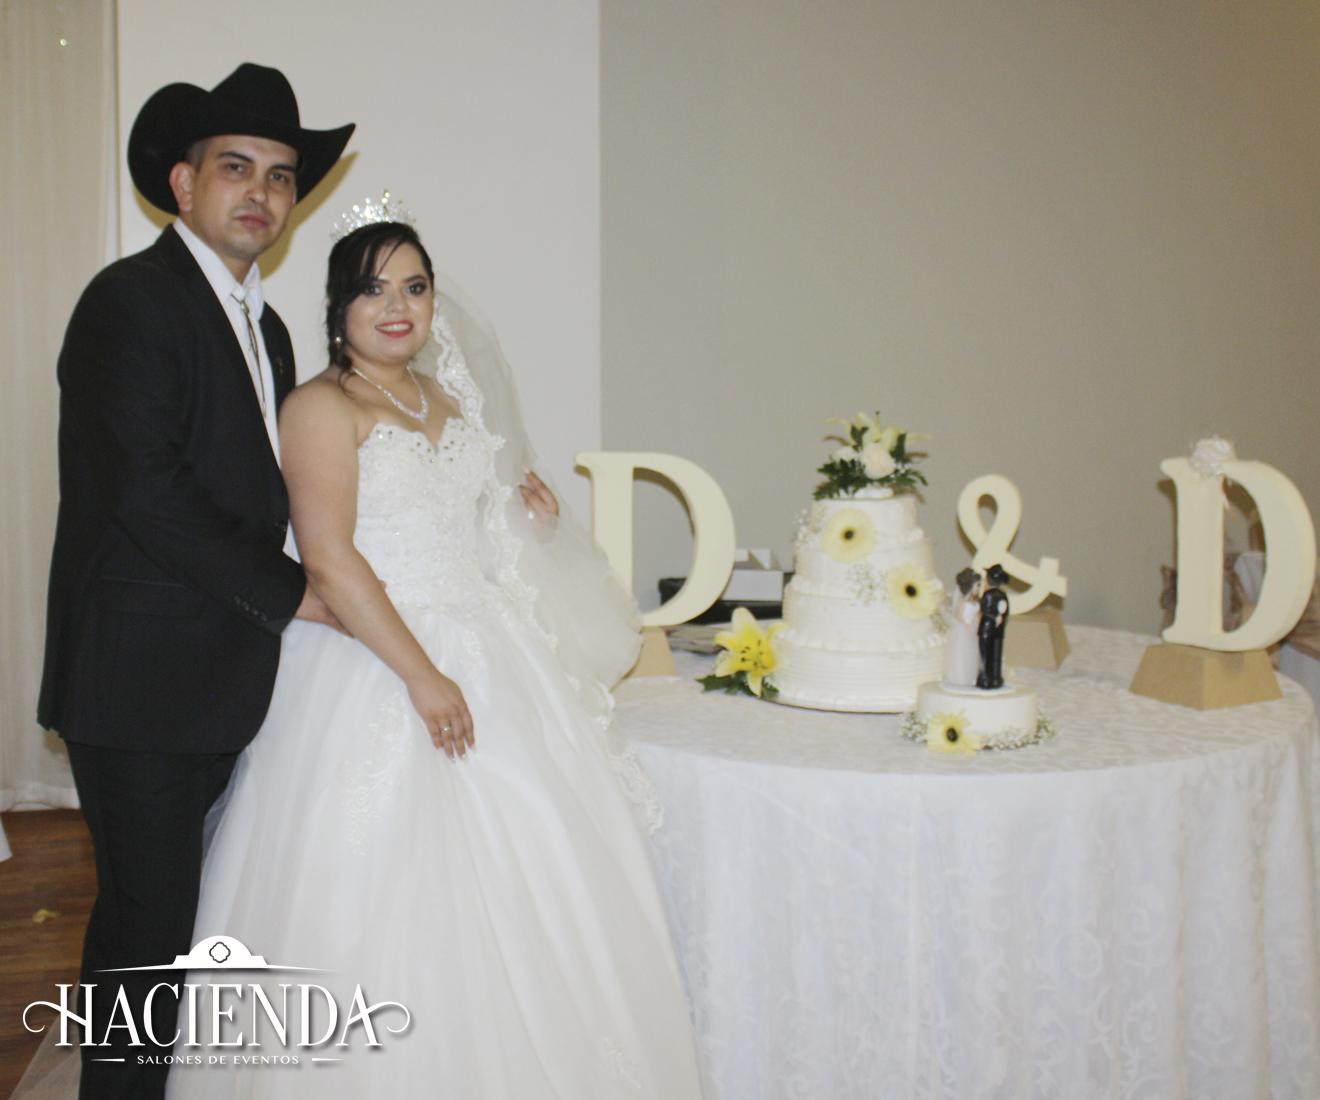 Daniela y Diego 14 de Julio 2018